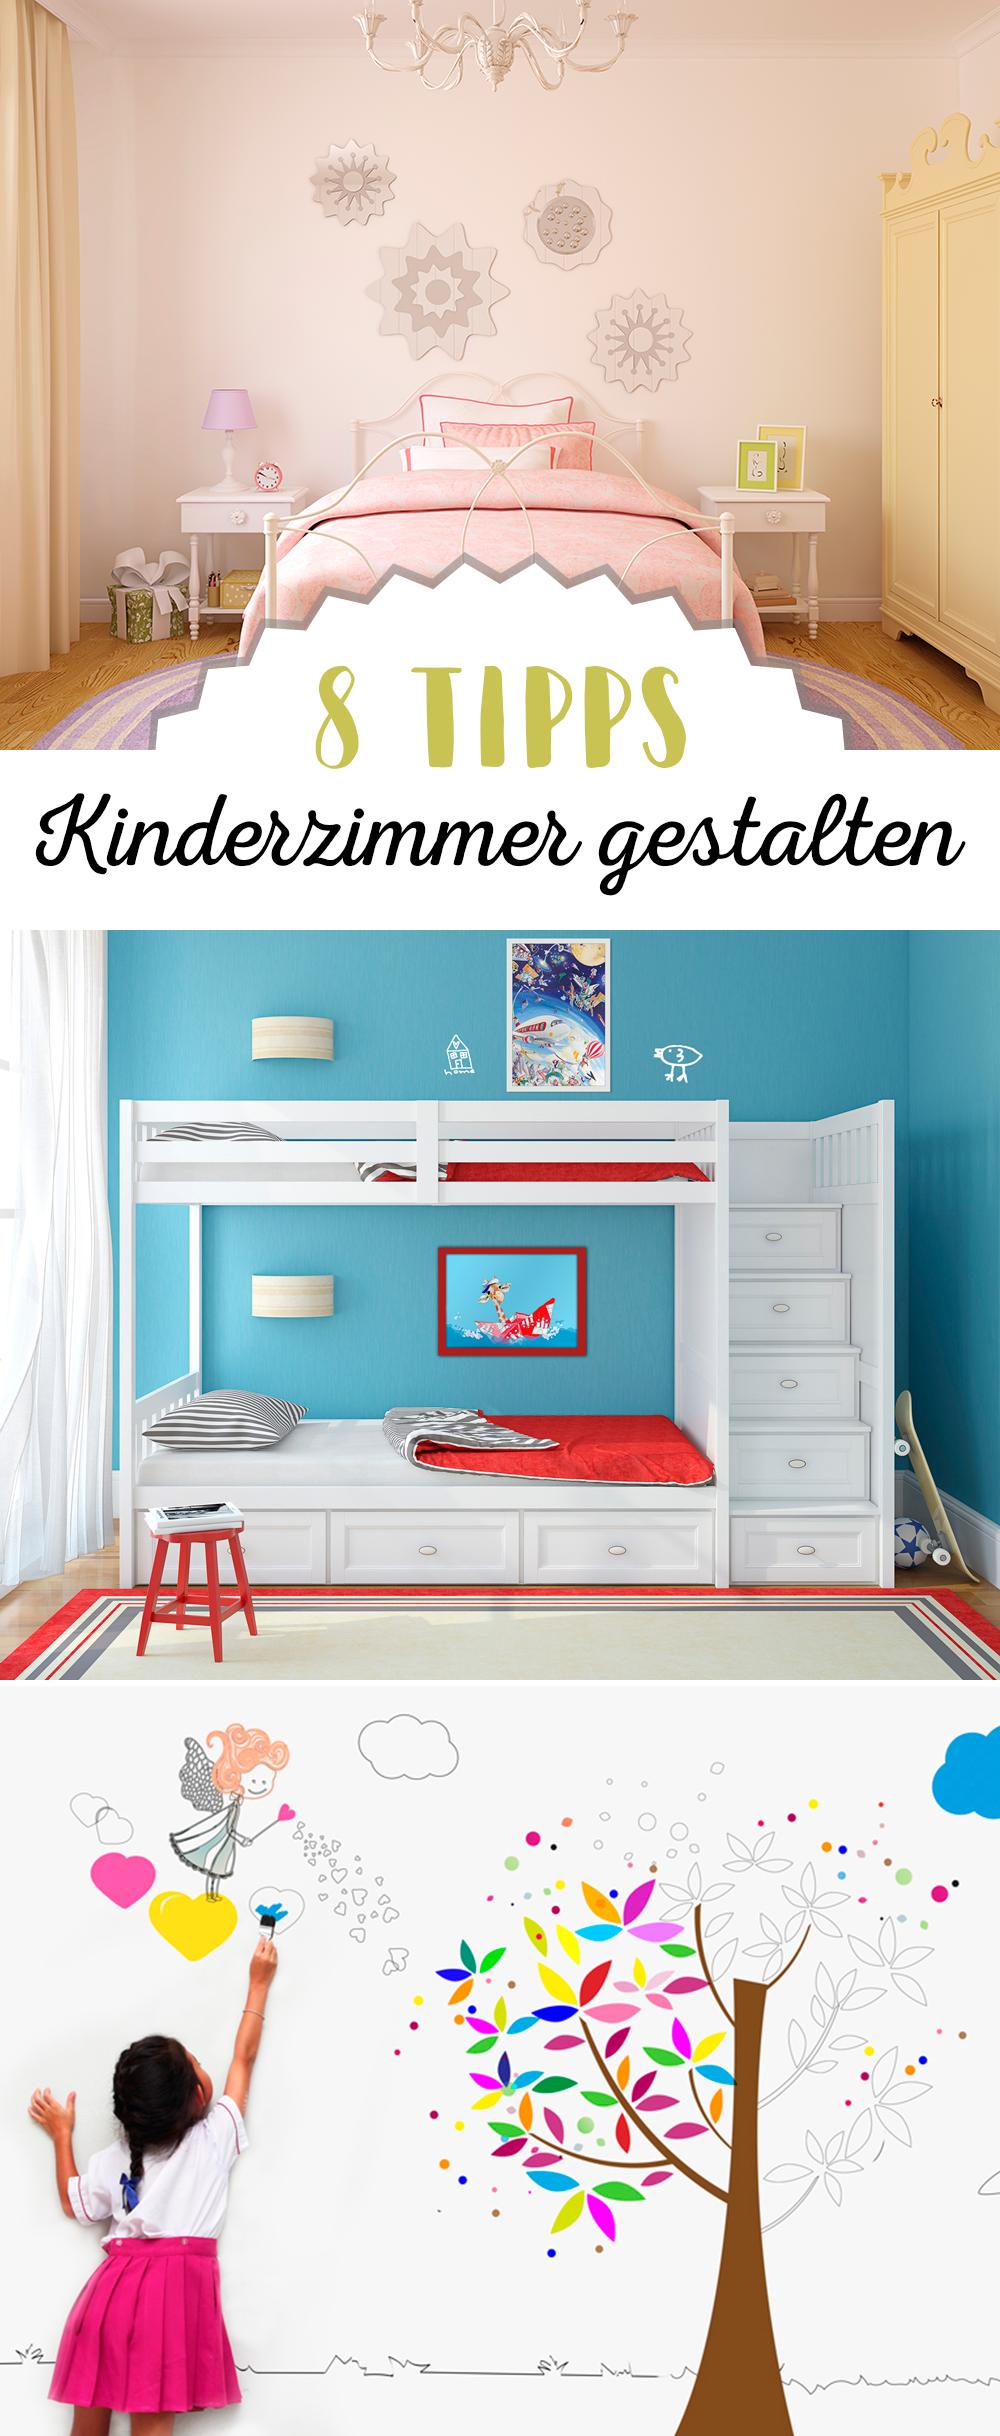 Kinderzimmer gestalten leicht gemacht - 8 Tipps   Kinderzimmer ...